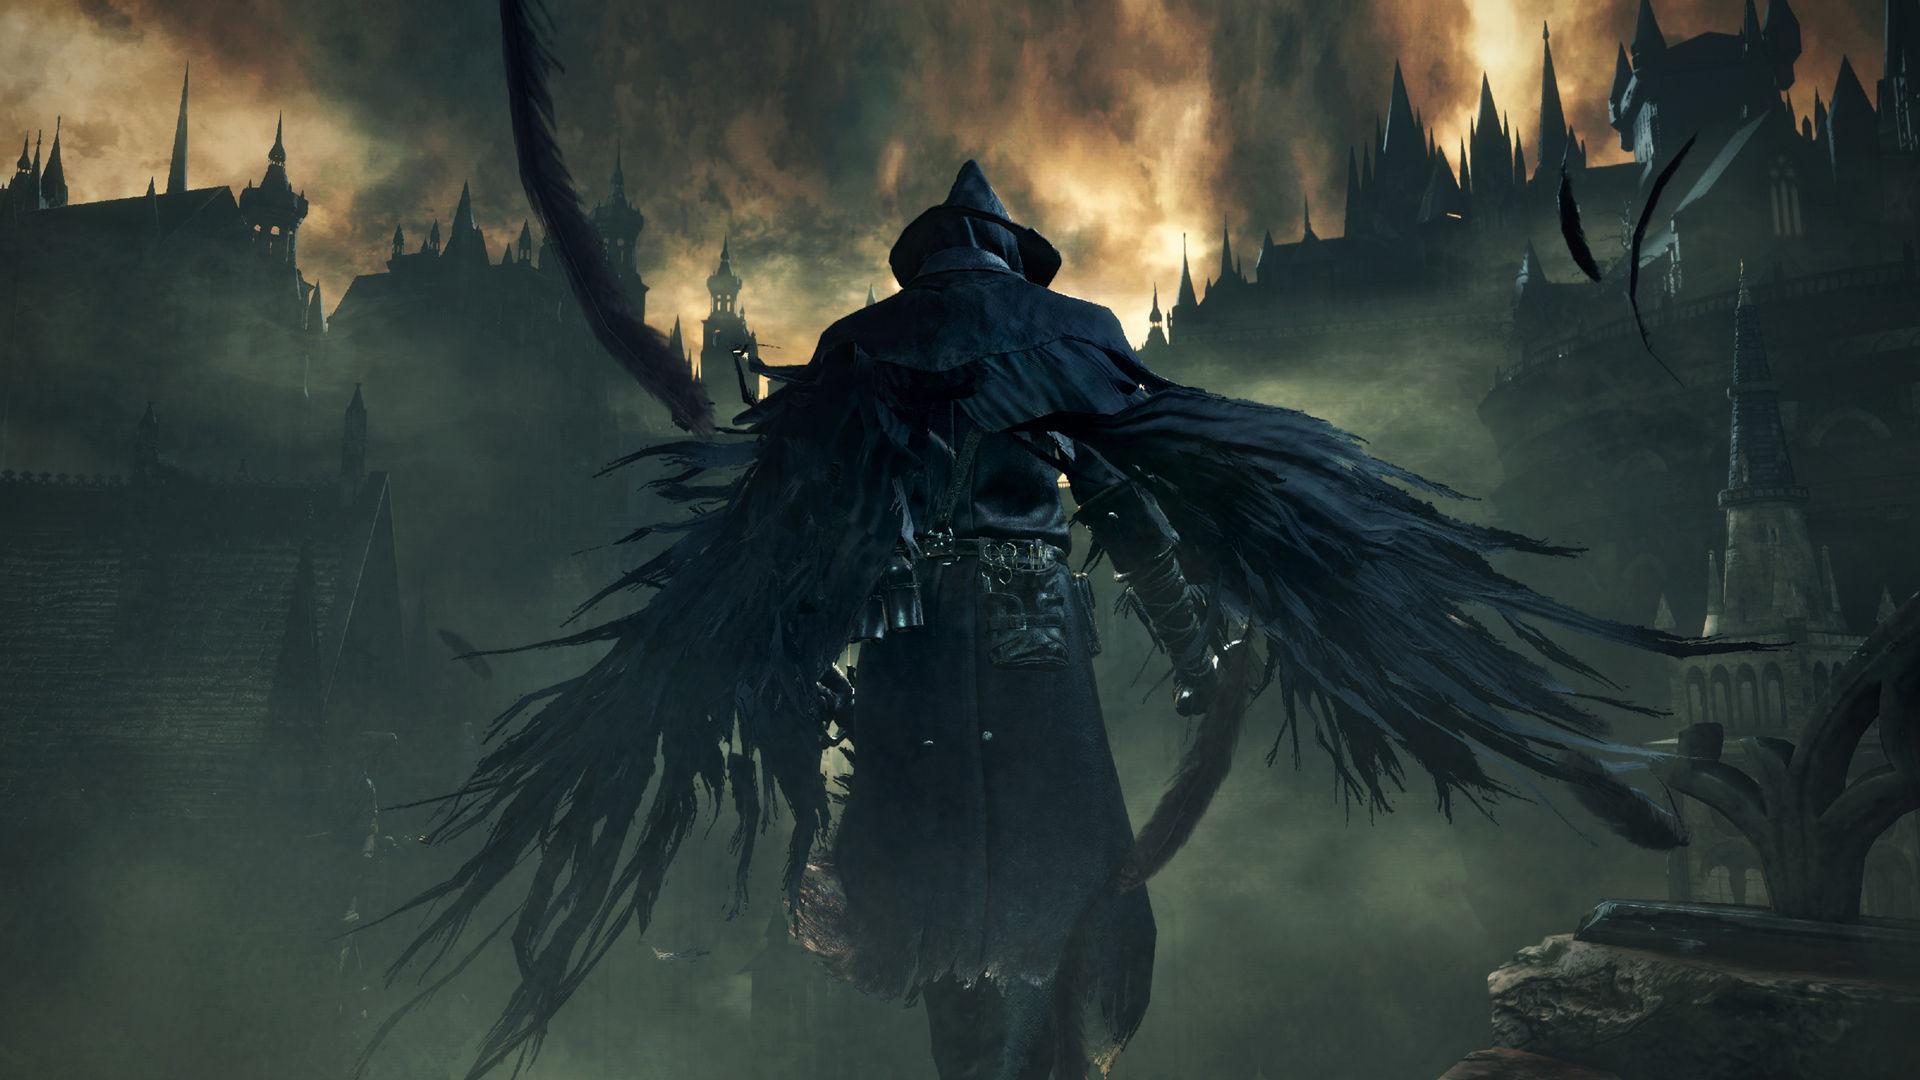 ¿Cuál es el dios más poderoso de Bloodborne?